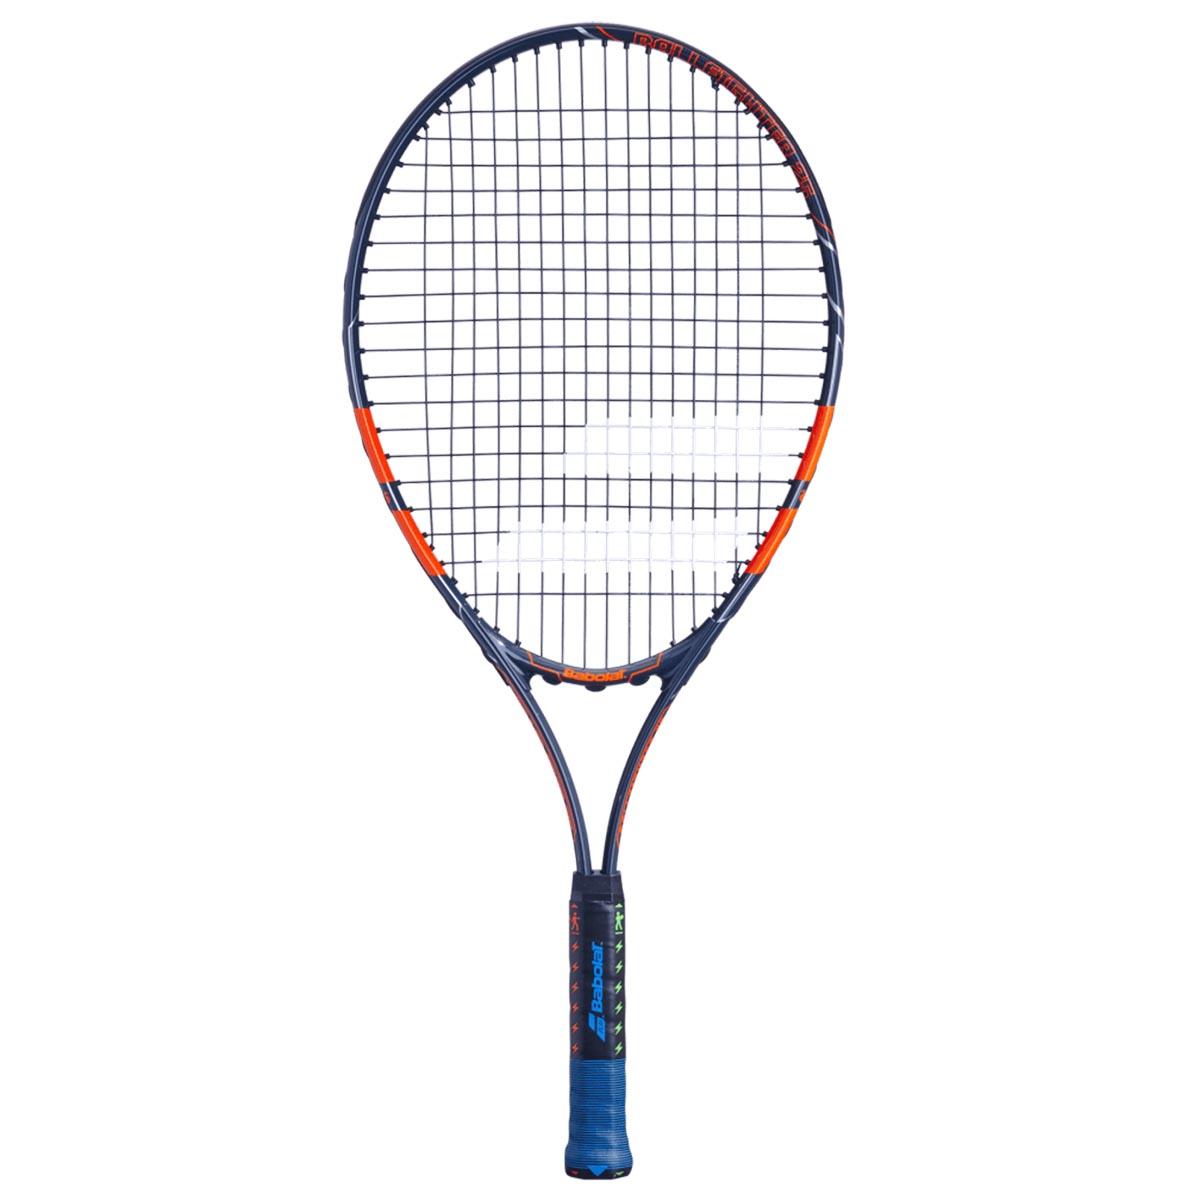 Ракетка для большого тенниса BALLFIGHTER 25